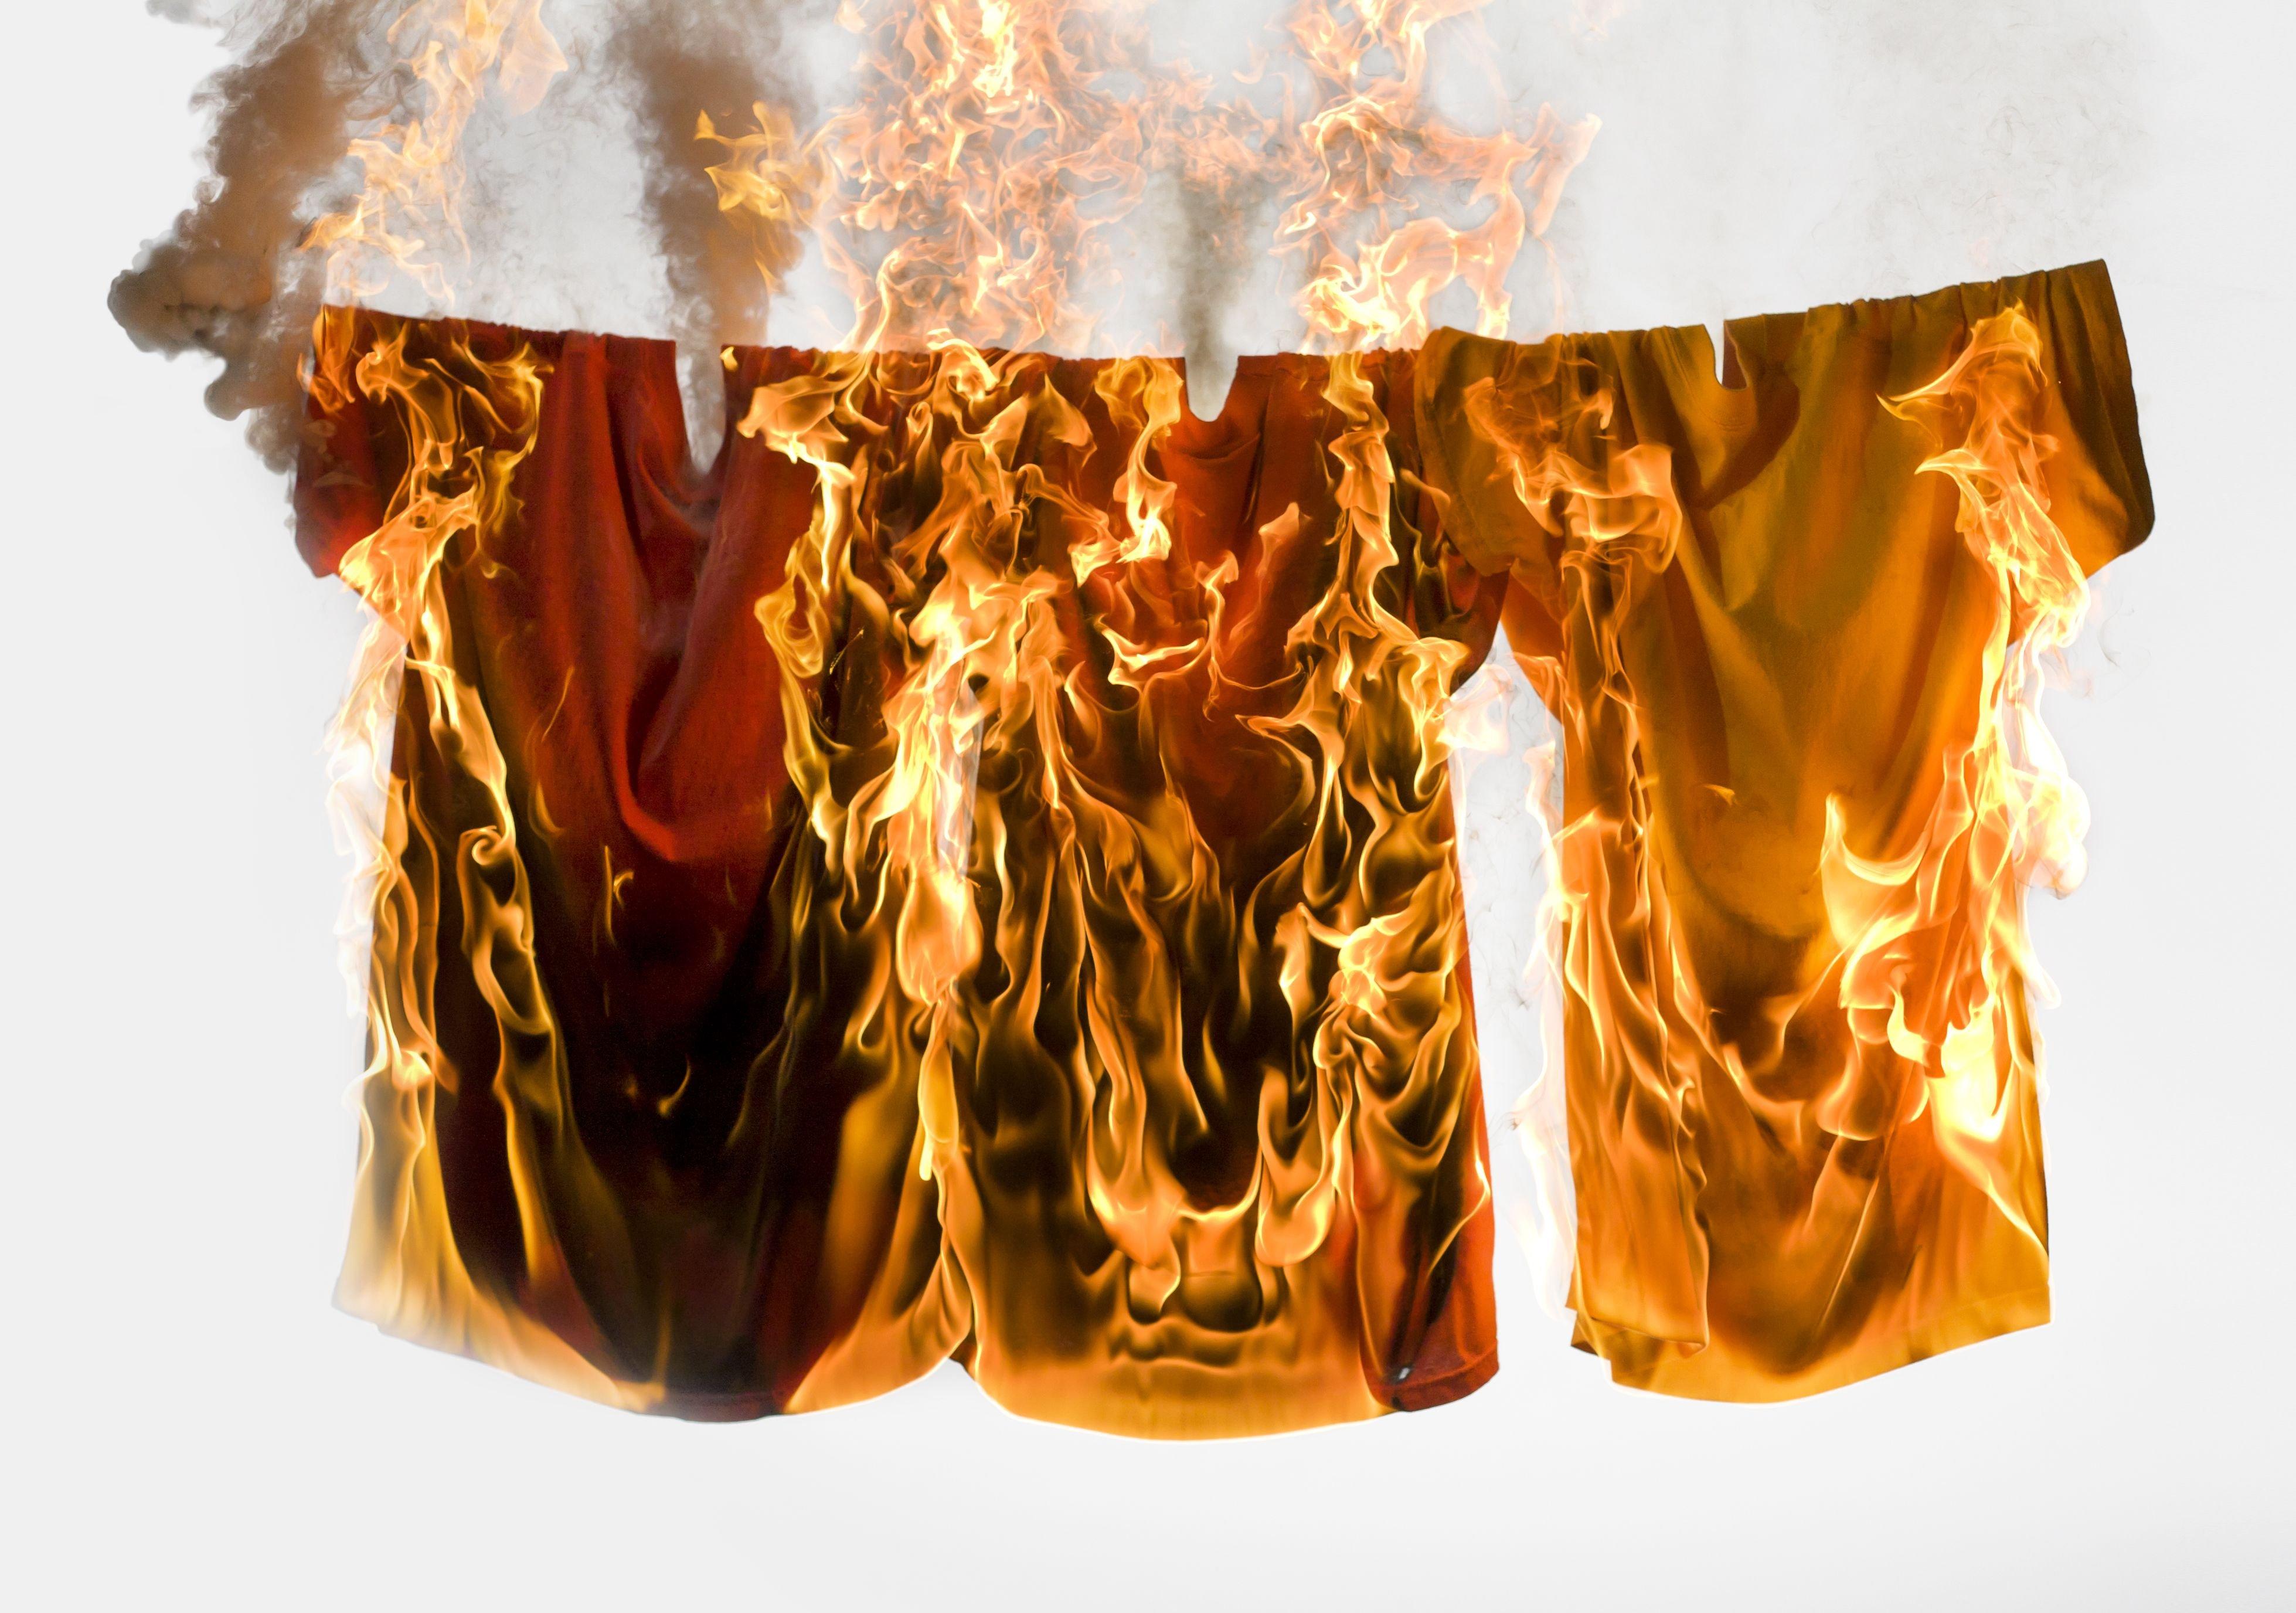 СМИ проинформировали отоннах сжигаемой вШвеции свежей одежды компании H&M